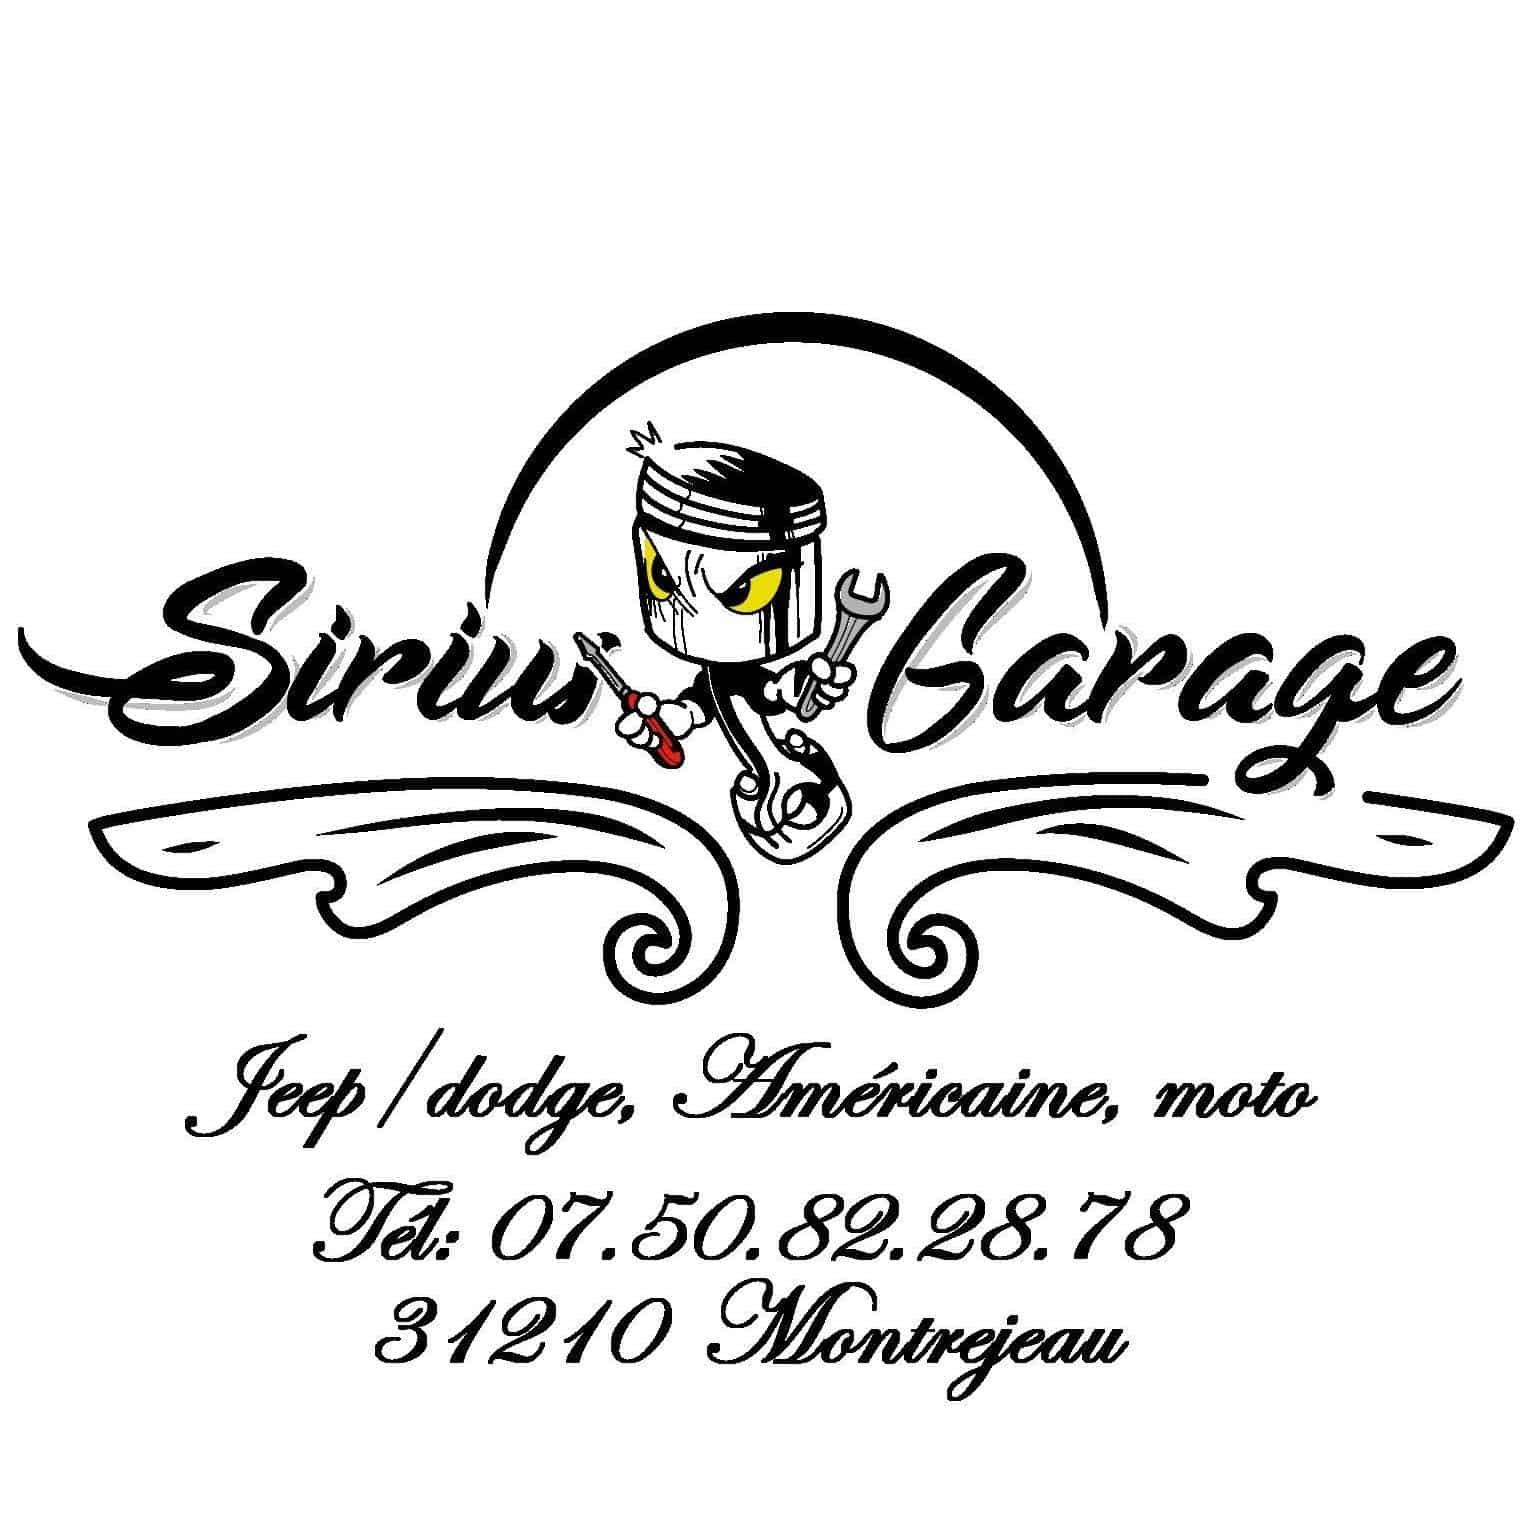 Sirius Garage